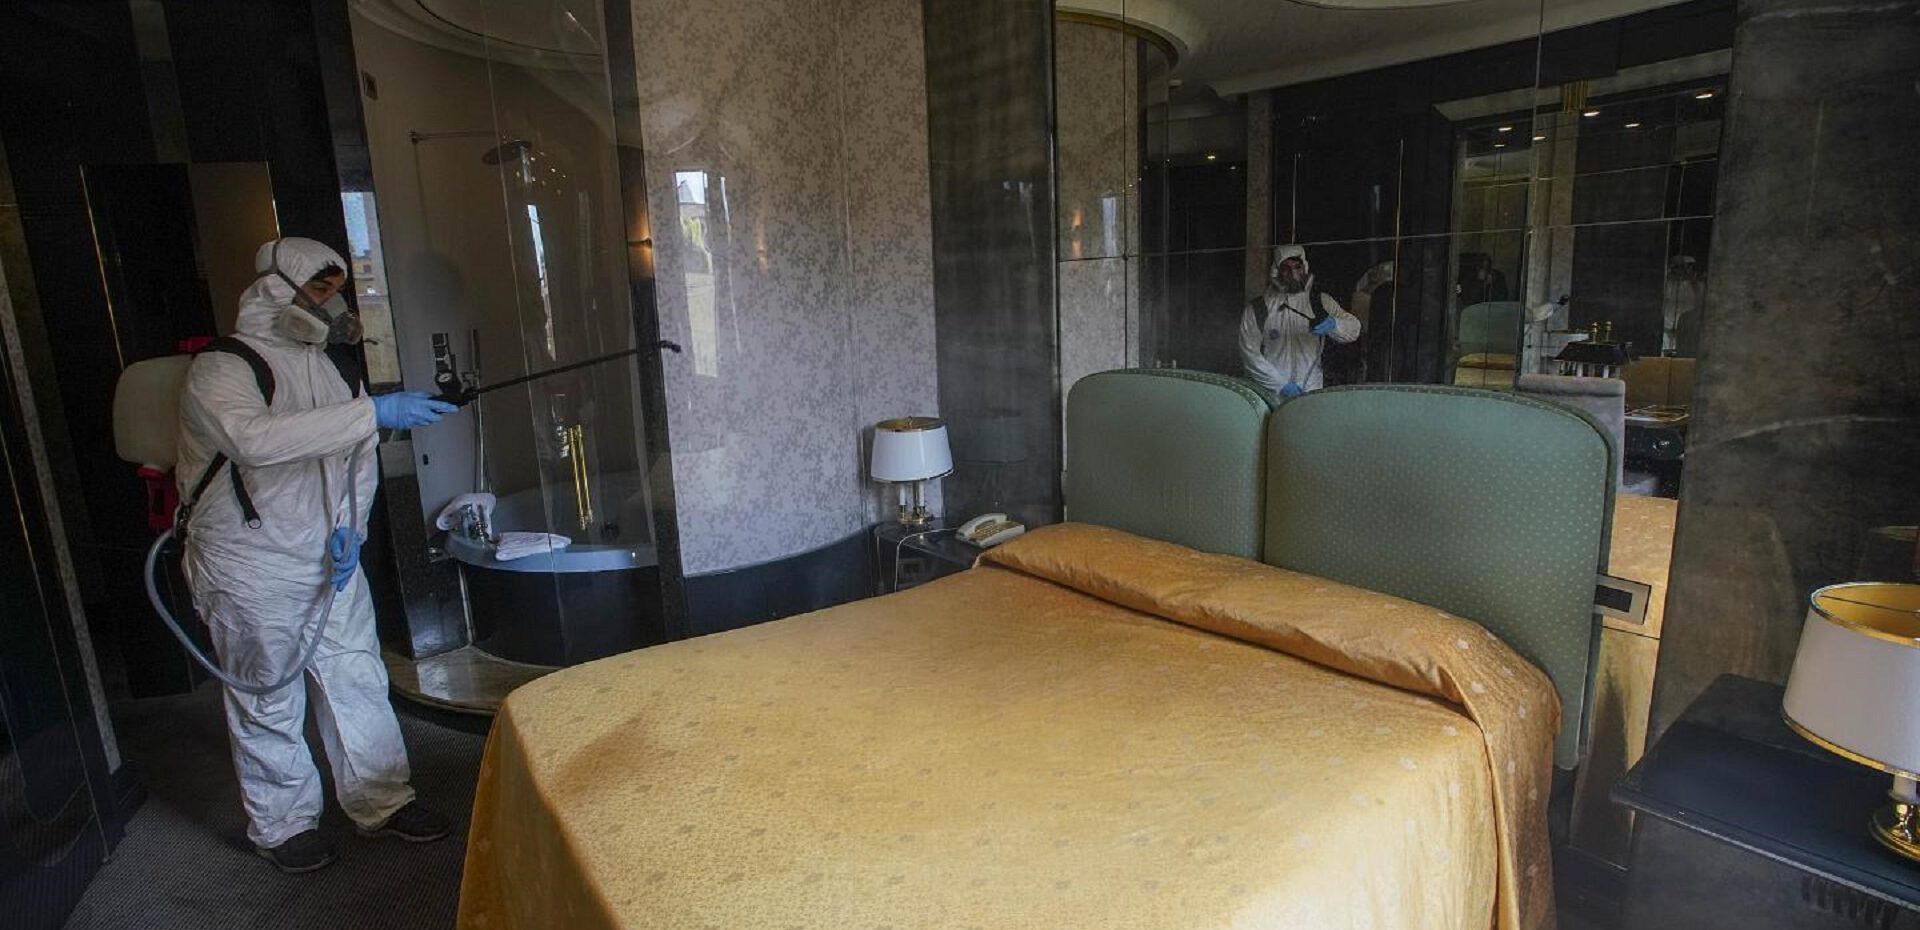 بهداشت اقامت در هتل هنگام مسافرت با وجود ویروس کرونا